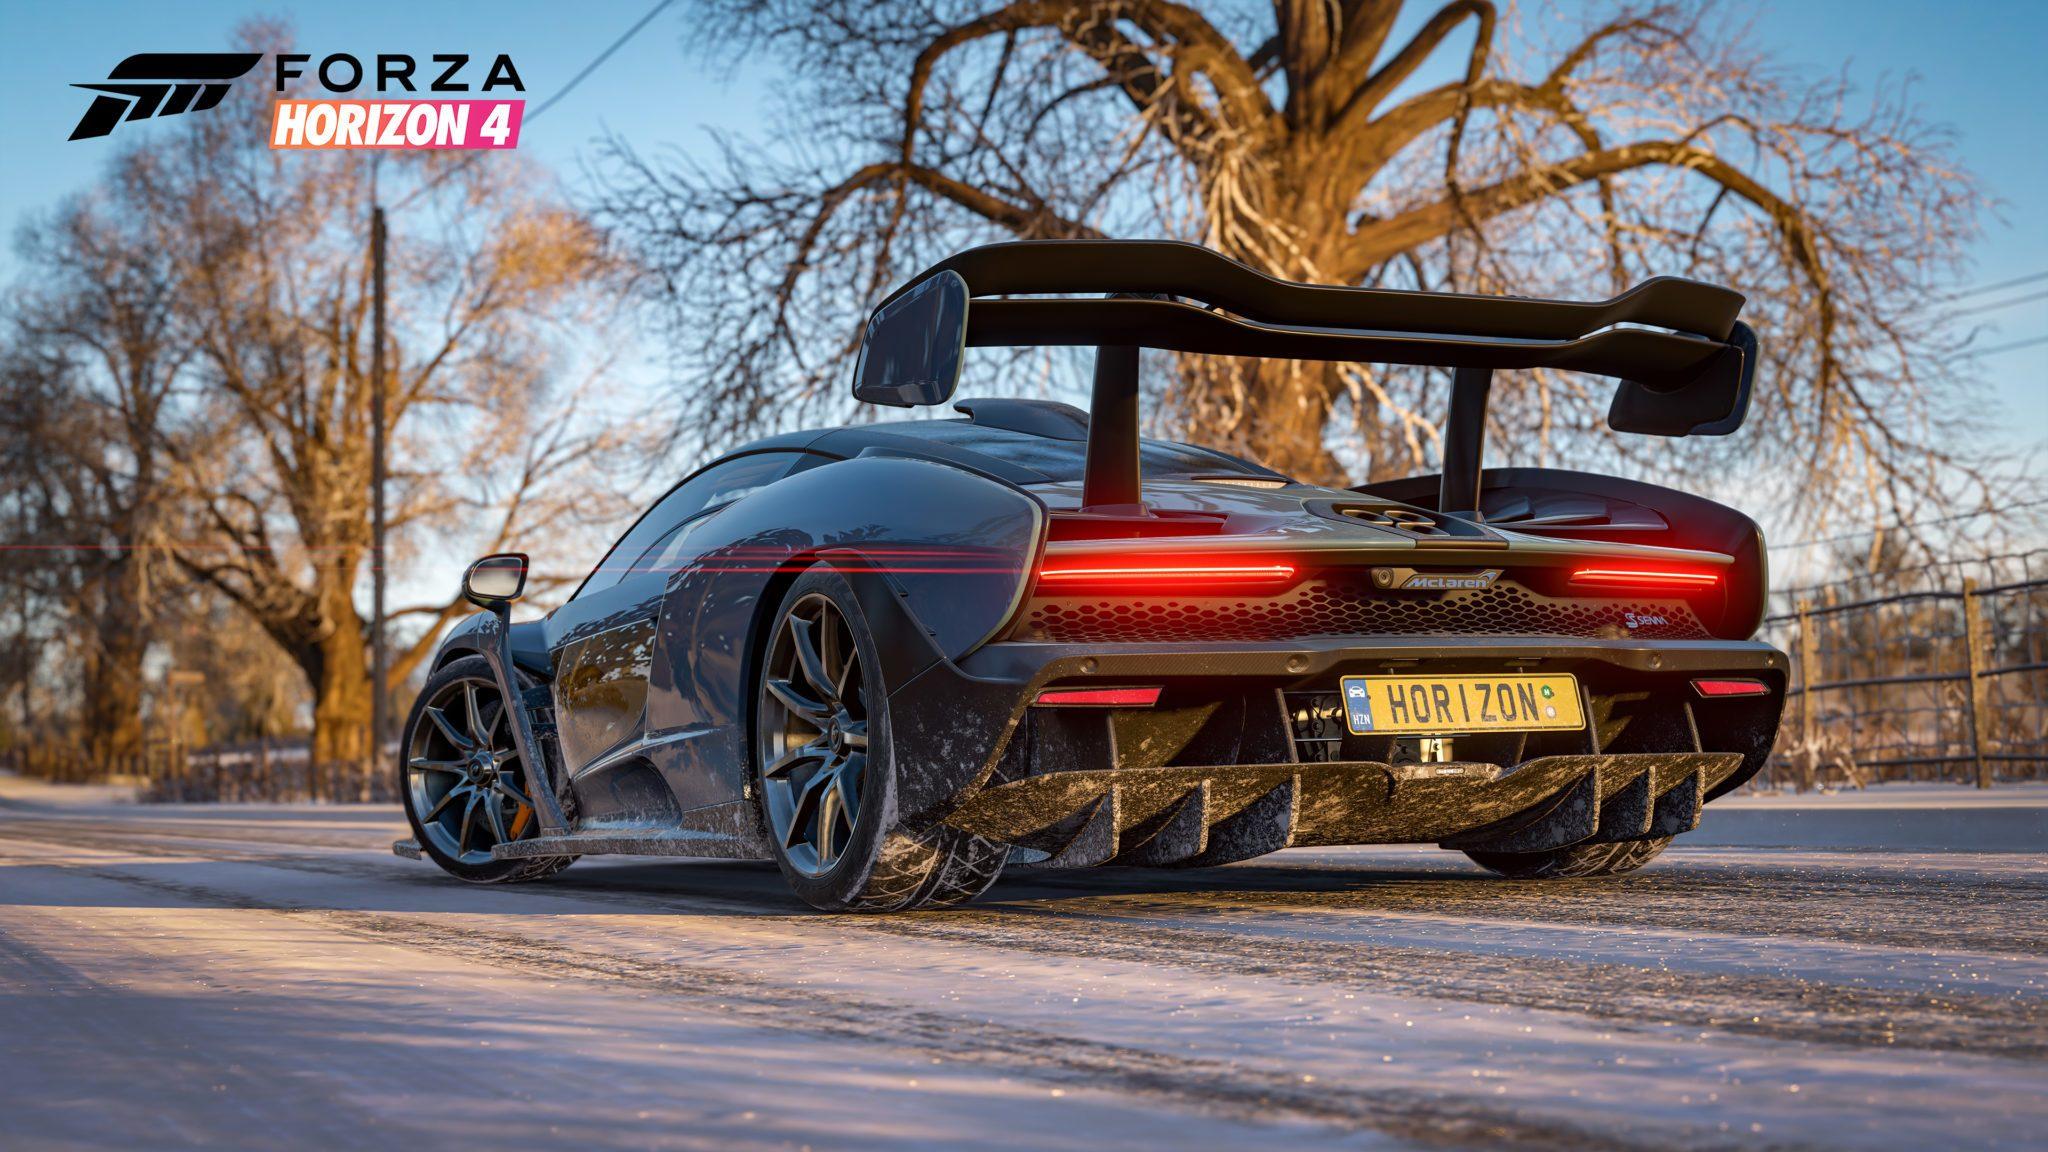 Forza-Horizon-4_Senna-Rear.jpg